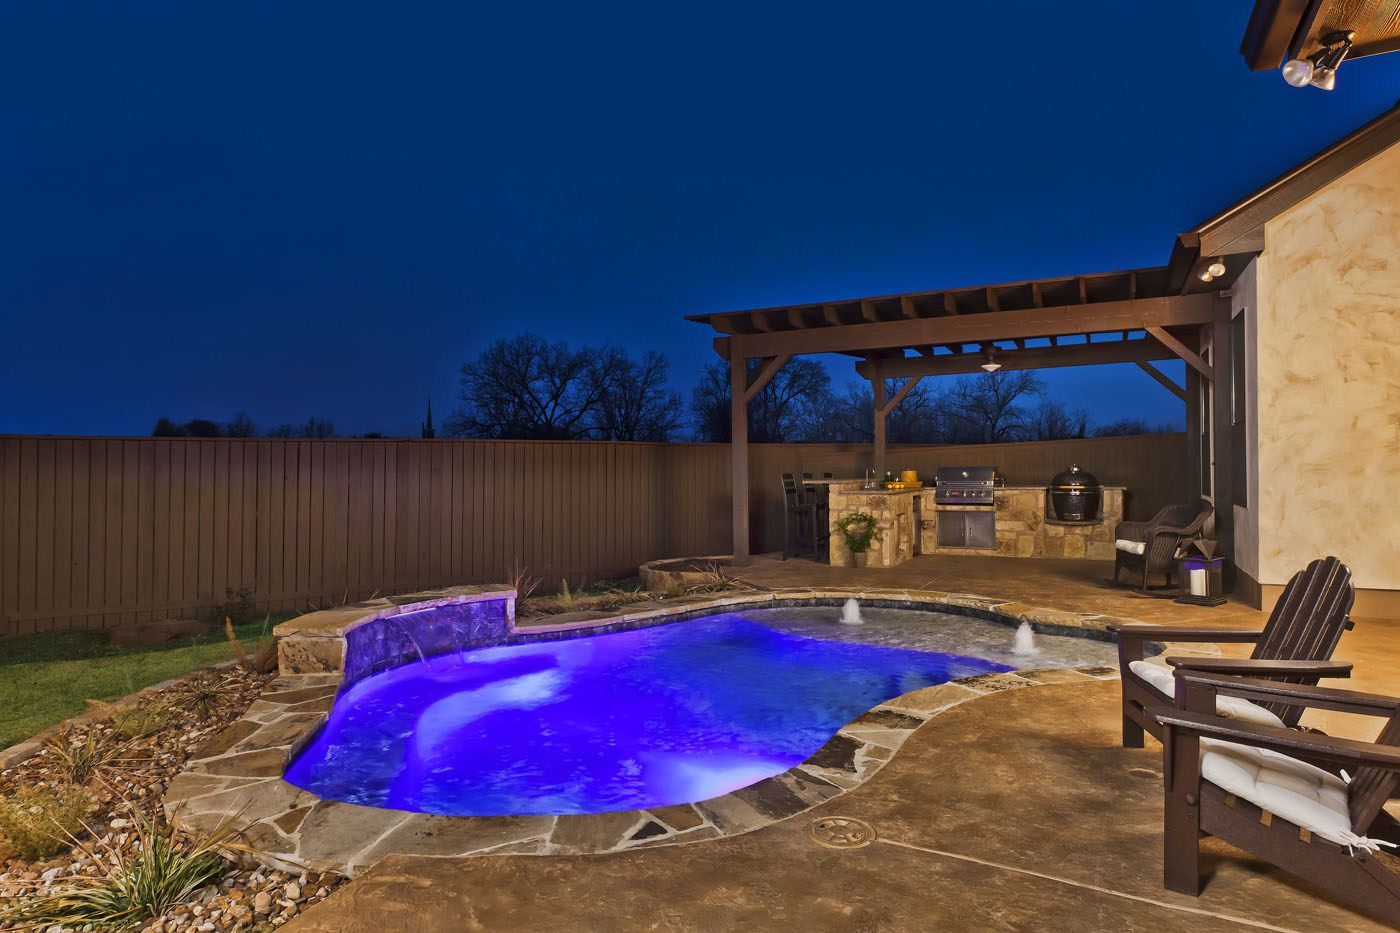 freeform concrete pool designer jason olcott san antonio